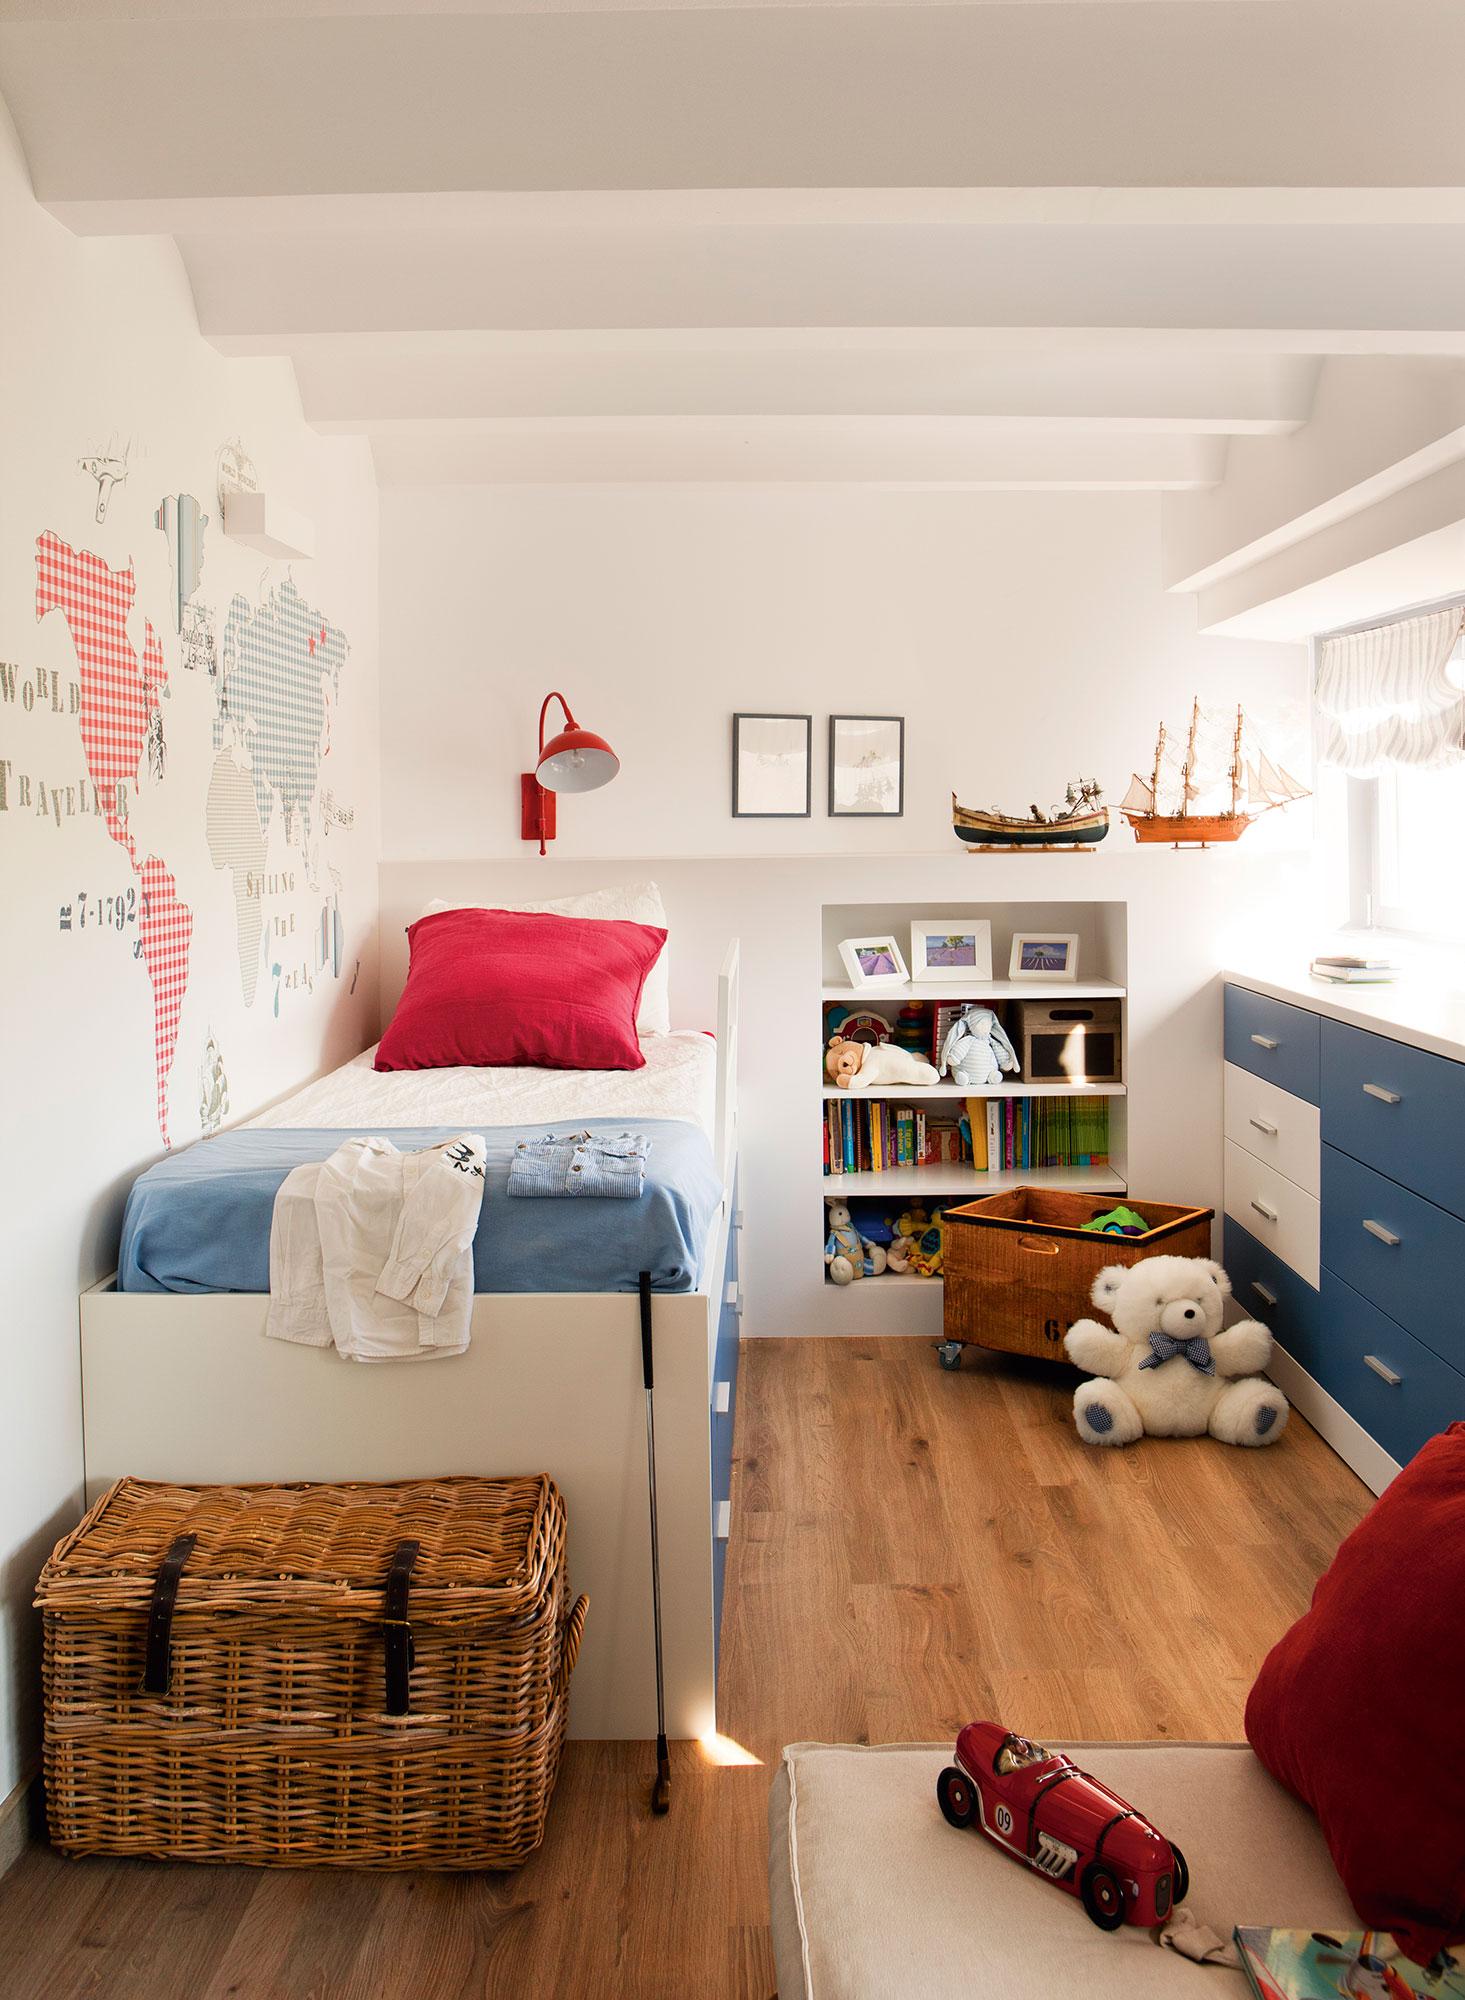 Soluciones para ordenar y guardar los juguetes - Dormitorios sin cabecero ...